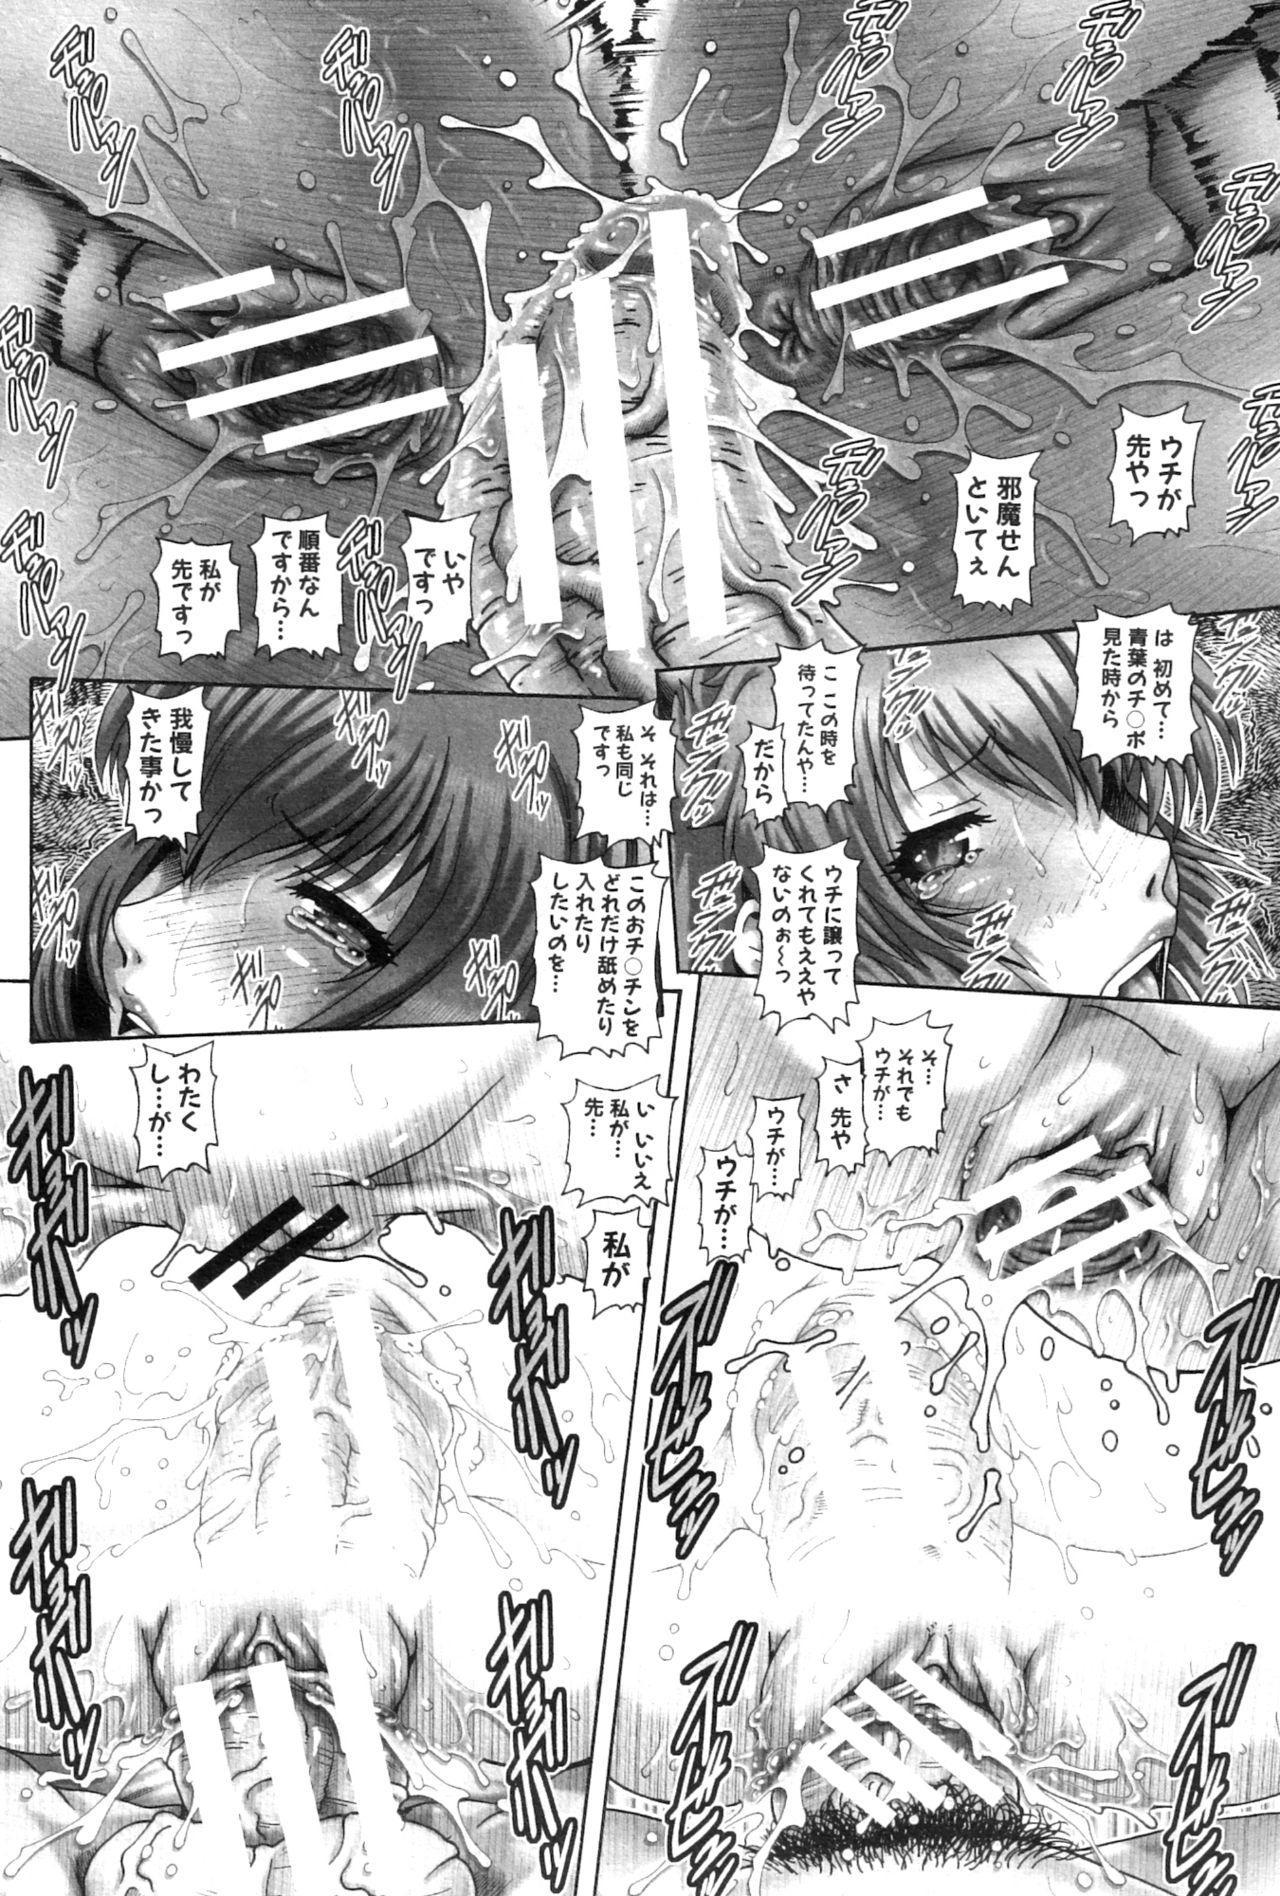 Ayakashiyakata no Tamahime 131